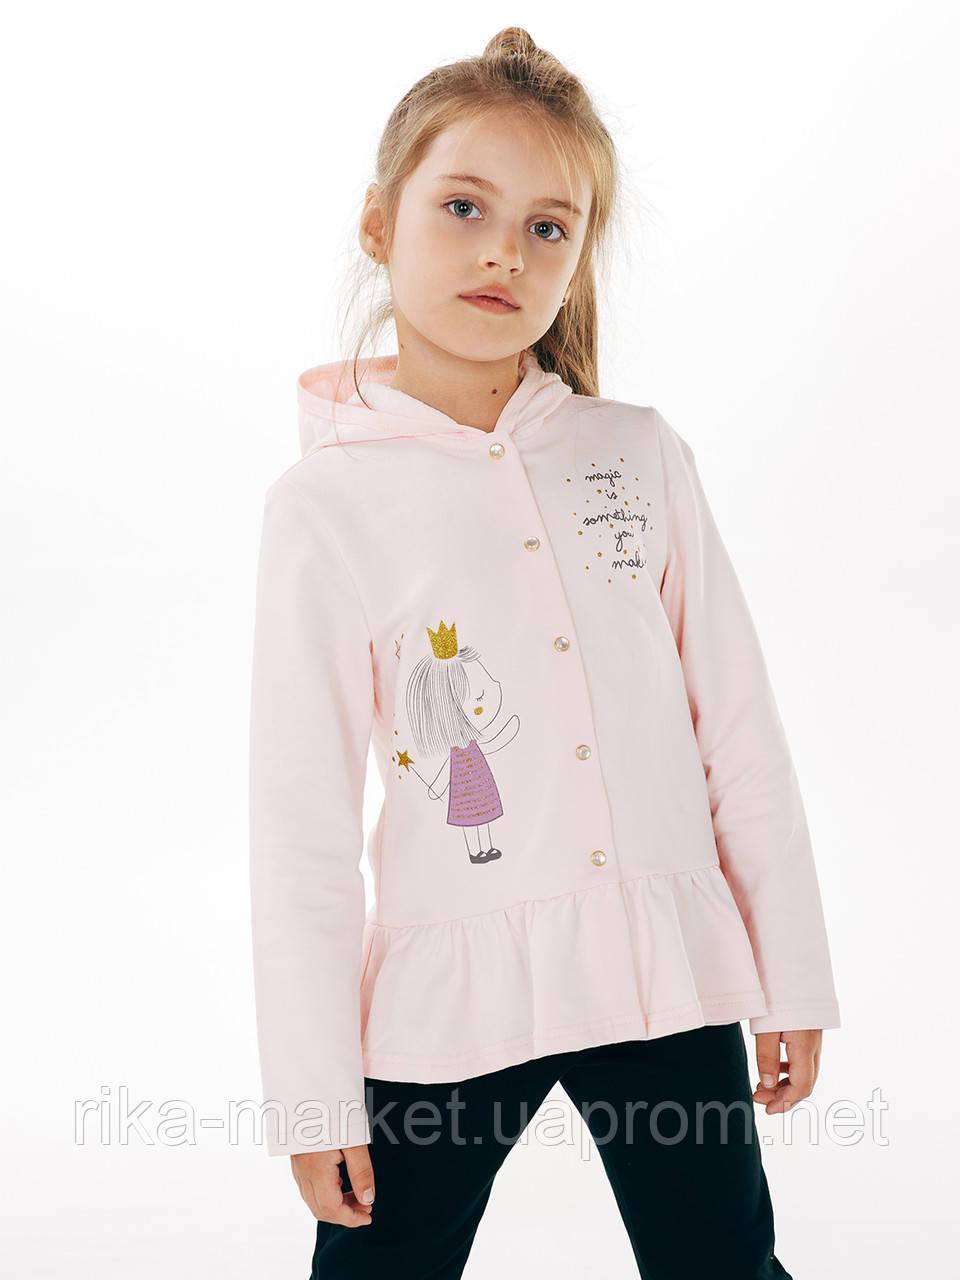 Куртка с капюшоном для девочки, арт. 116309, возраст от 2 до 6 лет